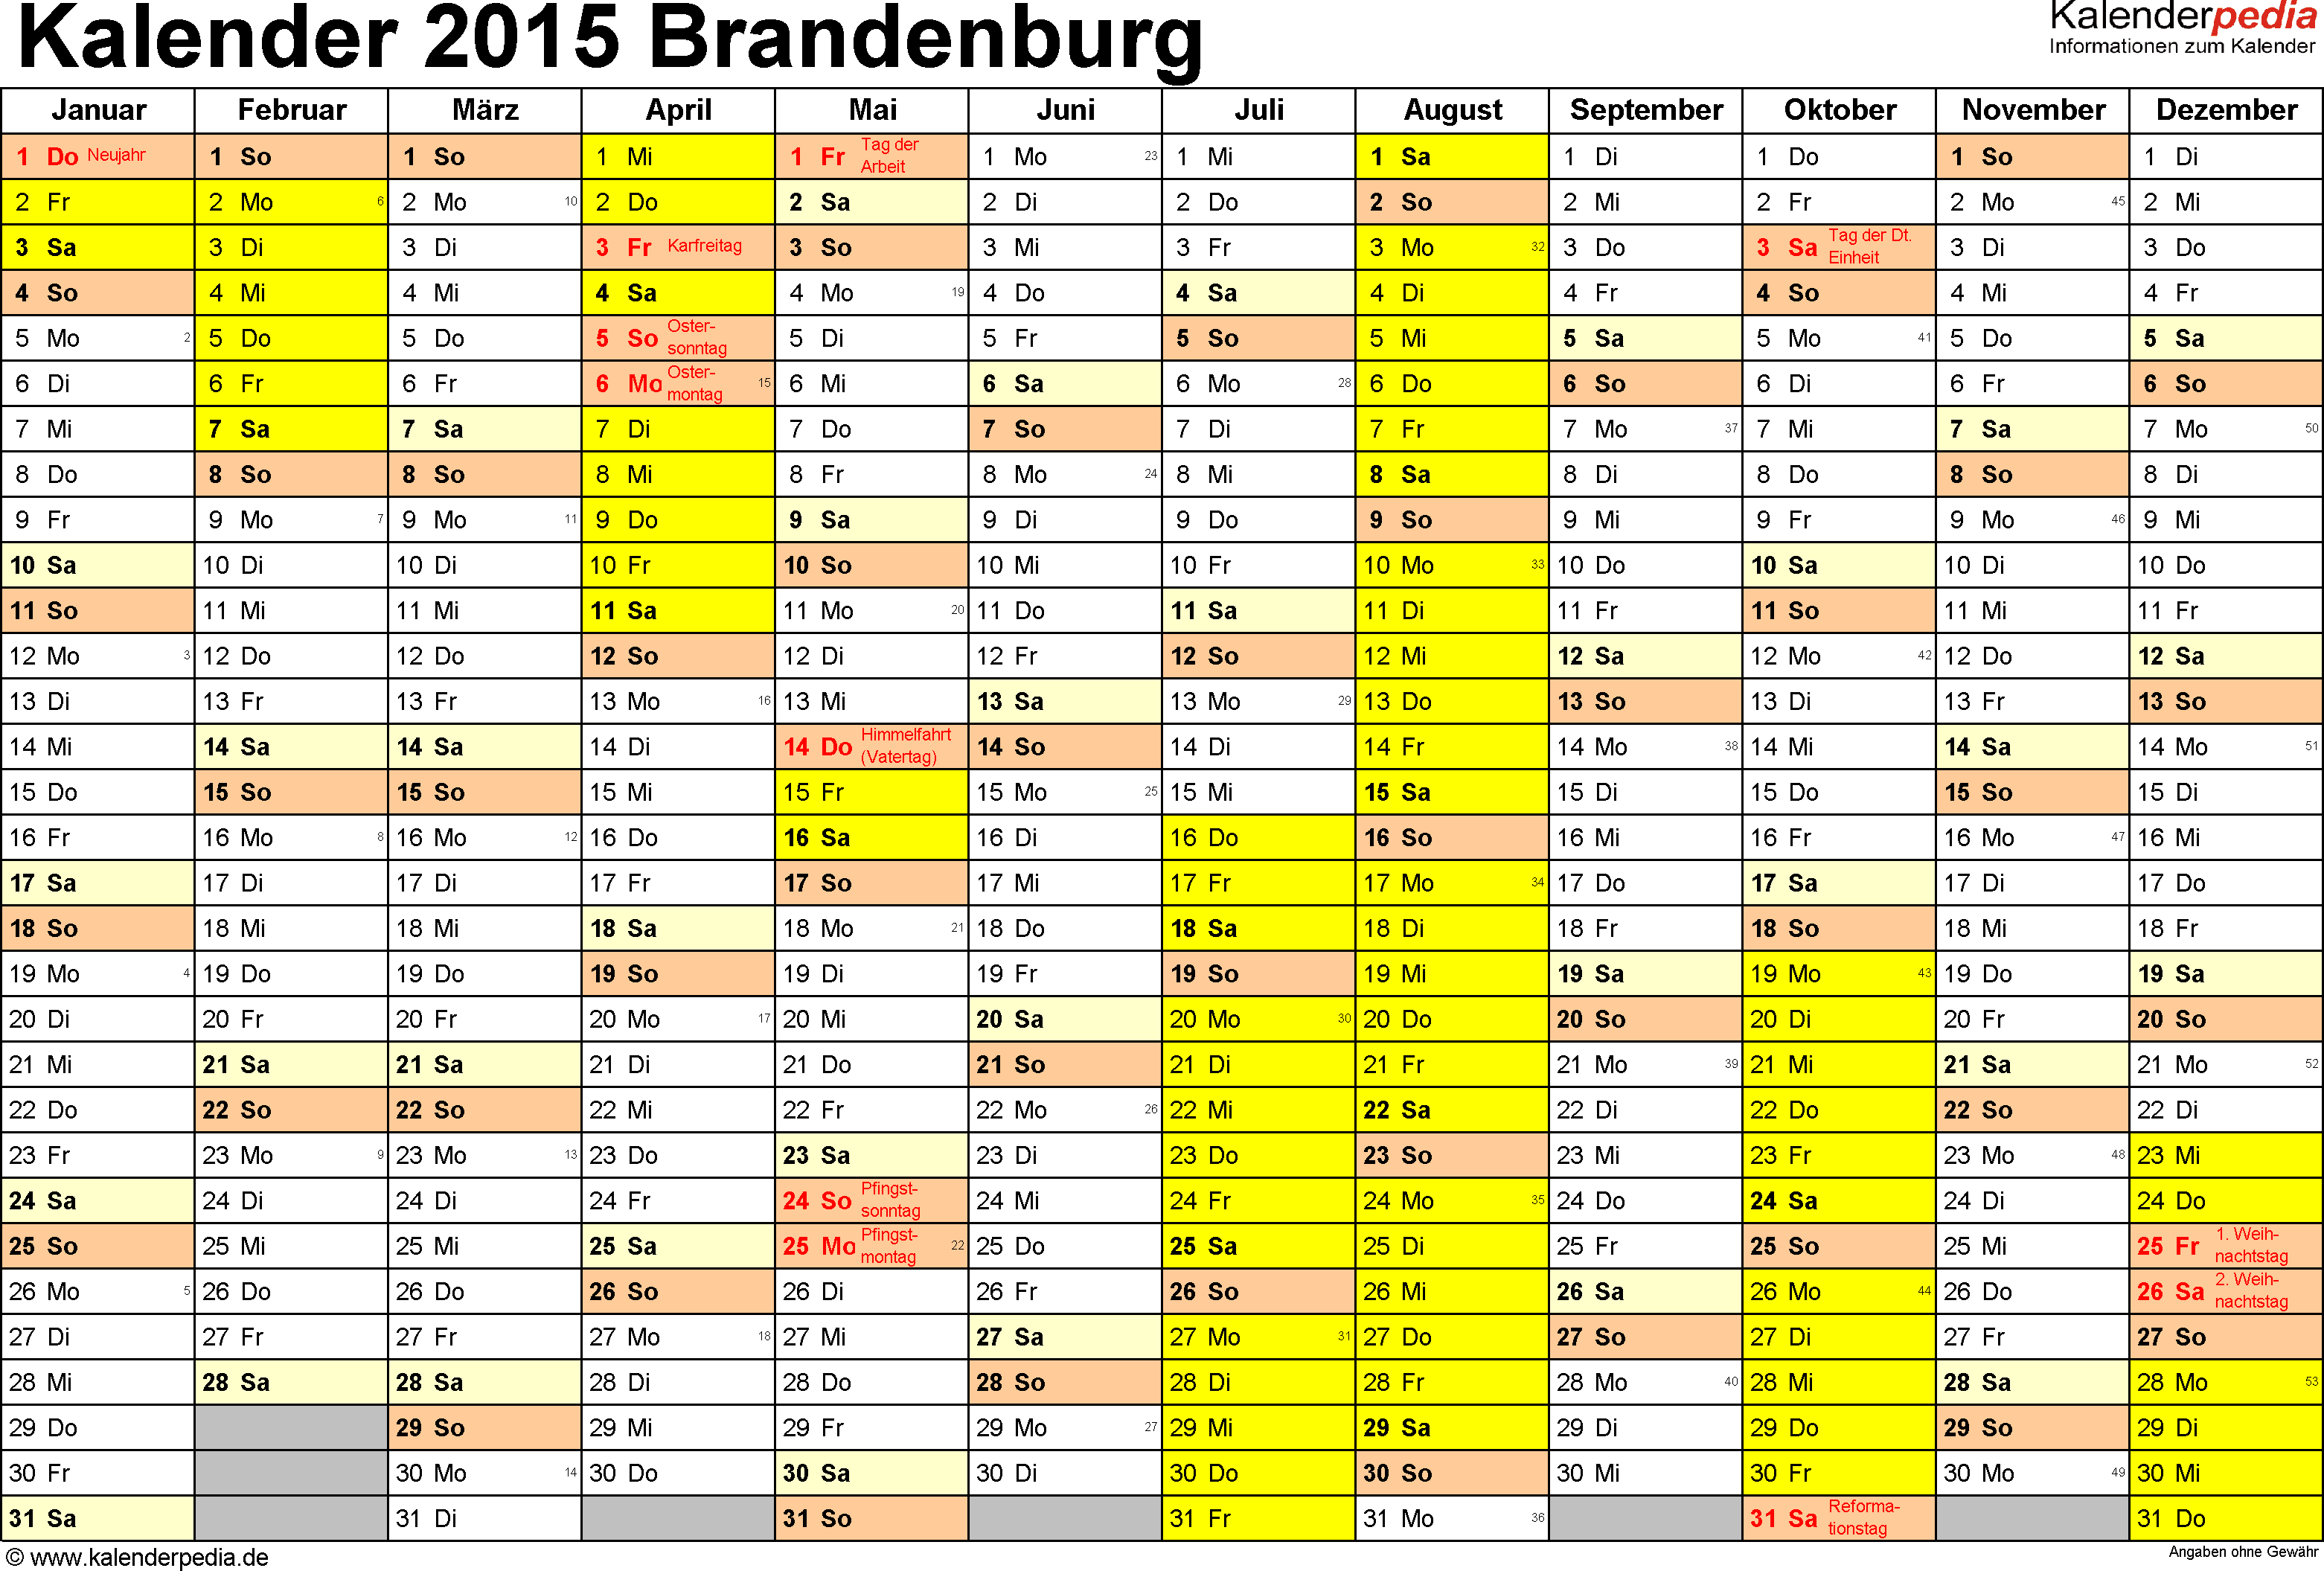 Vorlage 1: Kalender 2015 für Brandenburg als Excel-Vorlagen (Querformat, 1 Seite)